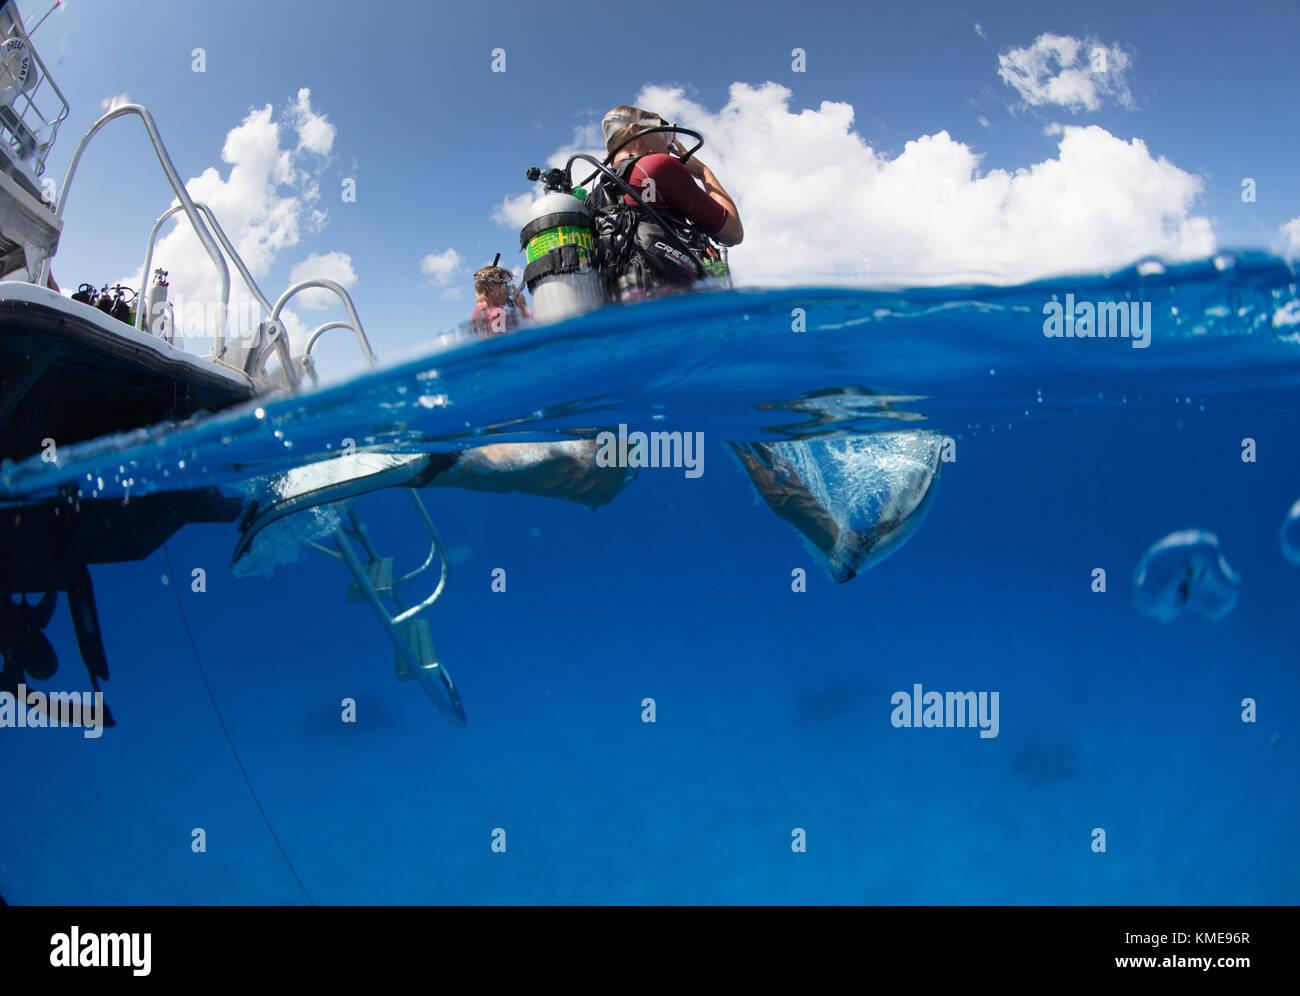 Taucher geben Sie Wasser tun riesigen Fortschritt. Stockfoto